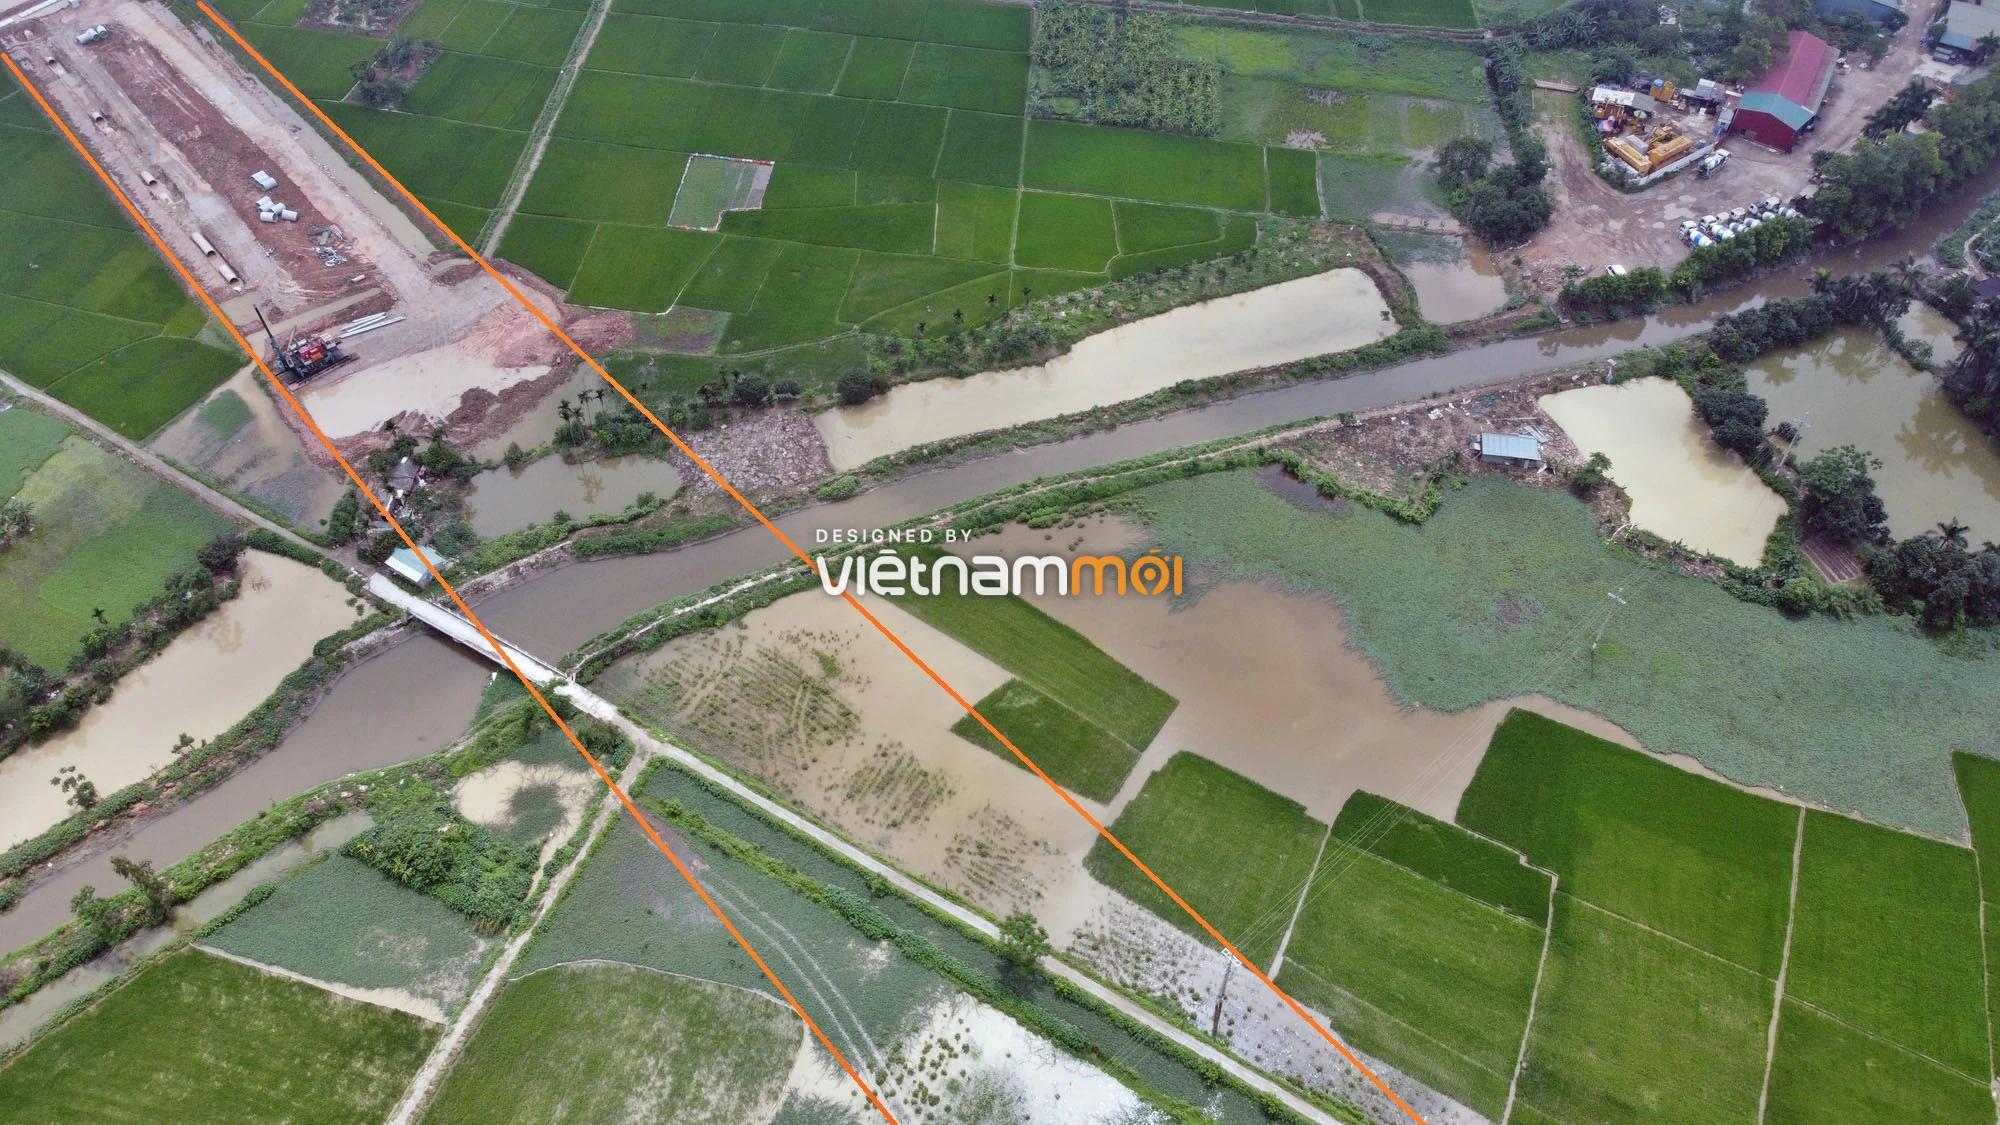 Toàn cảnh đường Lại Yên - Vân Canh đang mở theo quy hoạch ở Hà Nội - Ảnh 12.